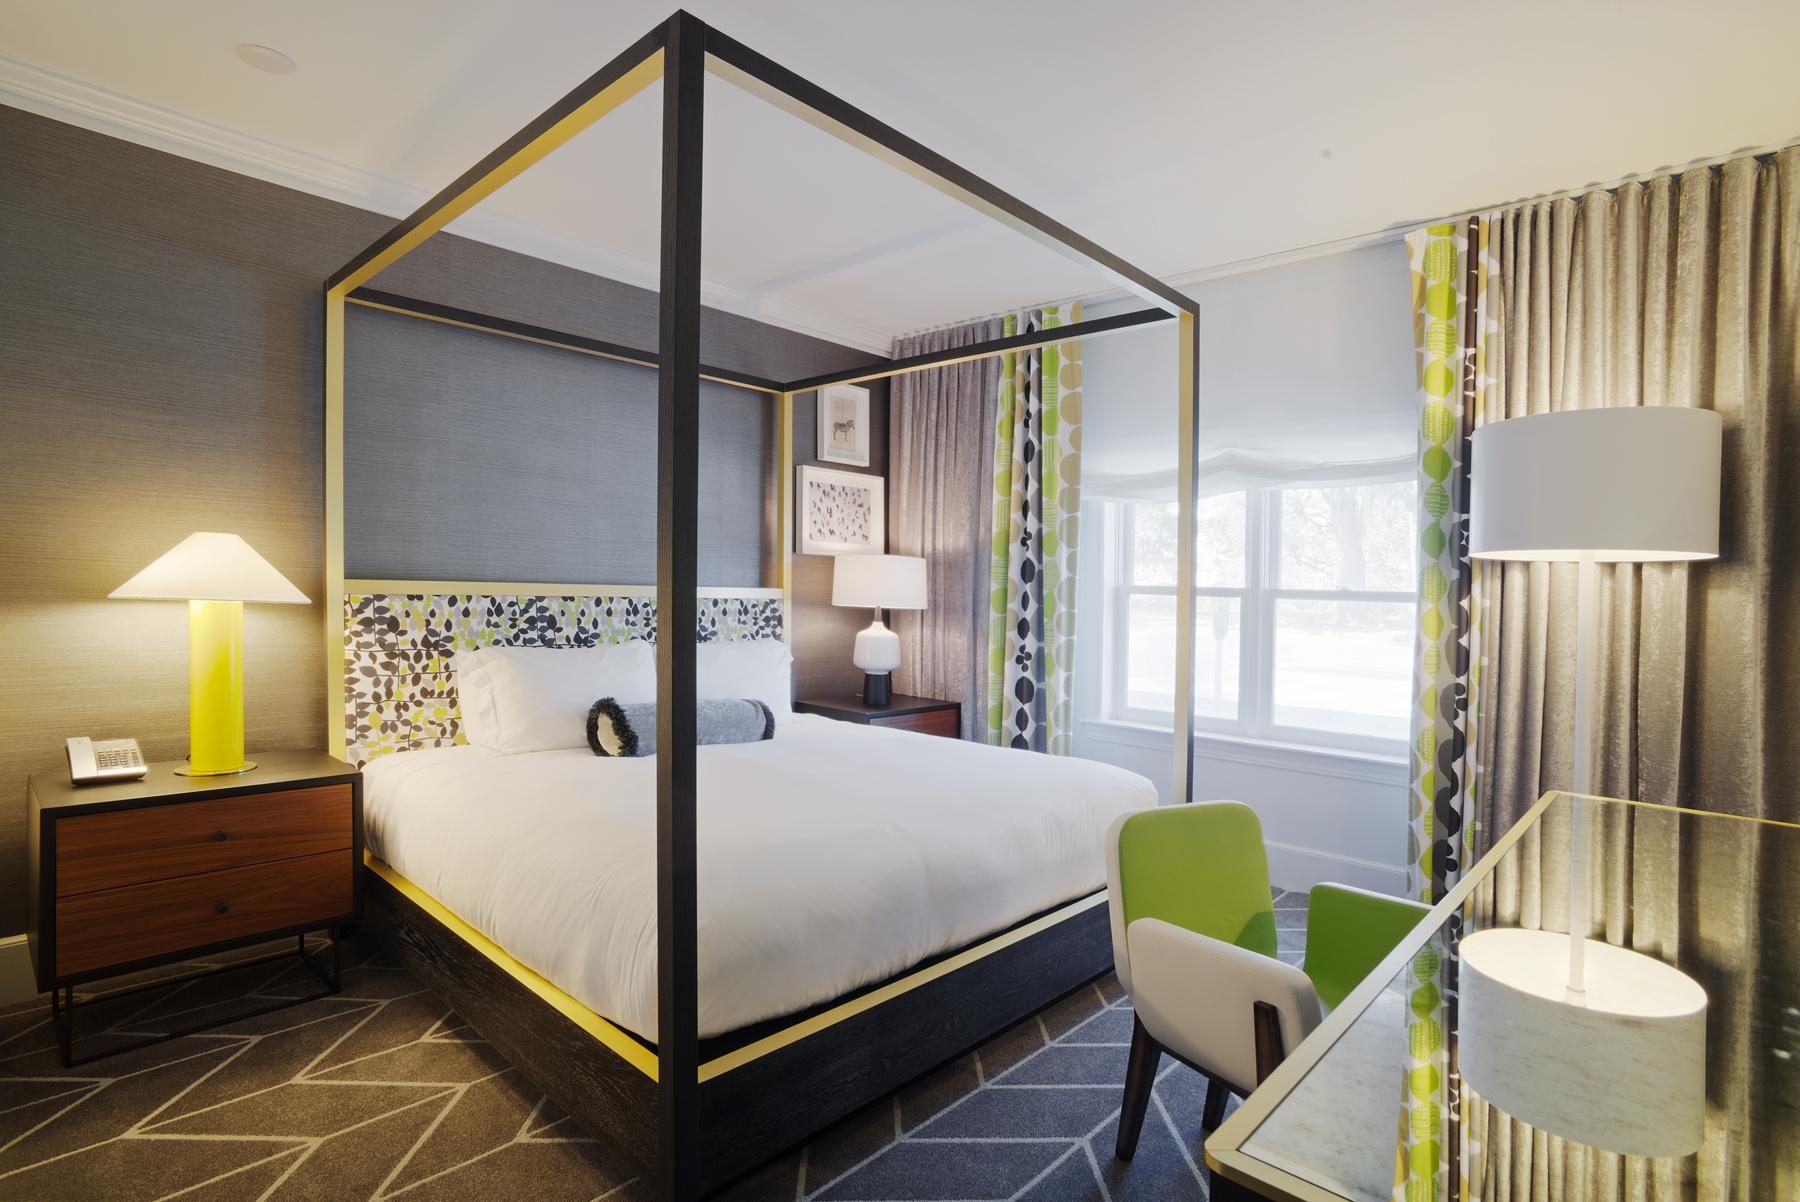 The Brice Hotel Savannah